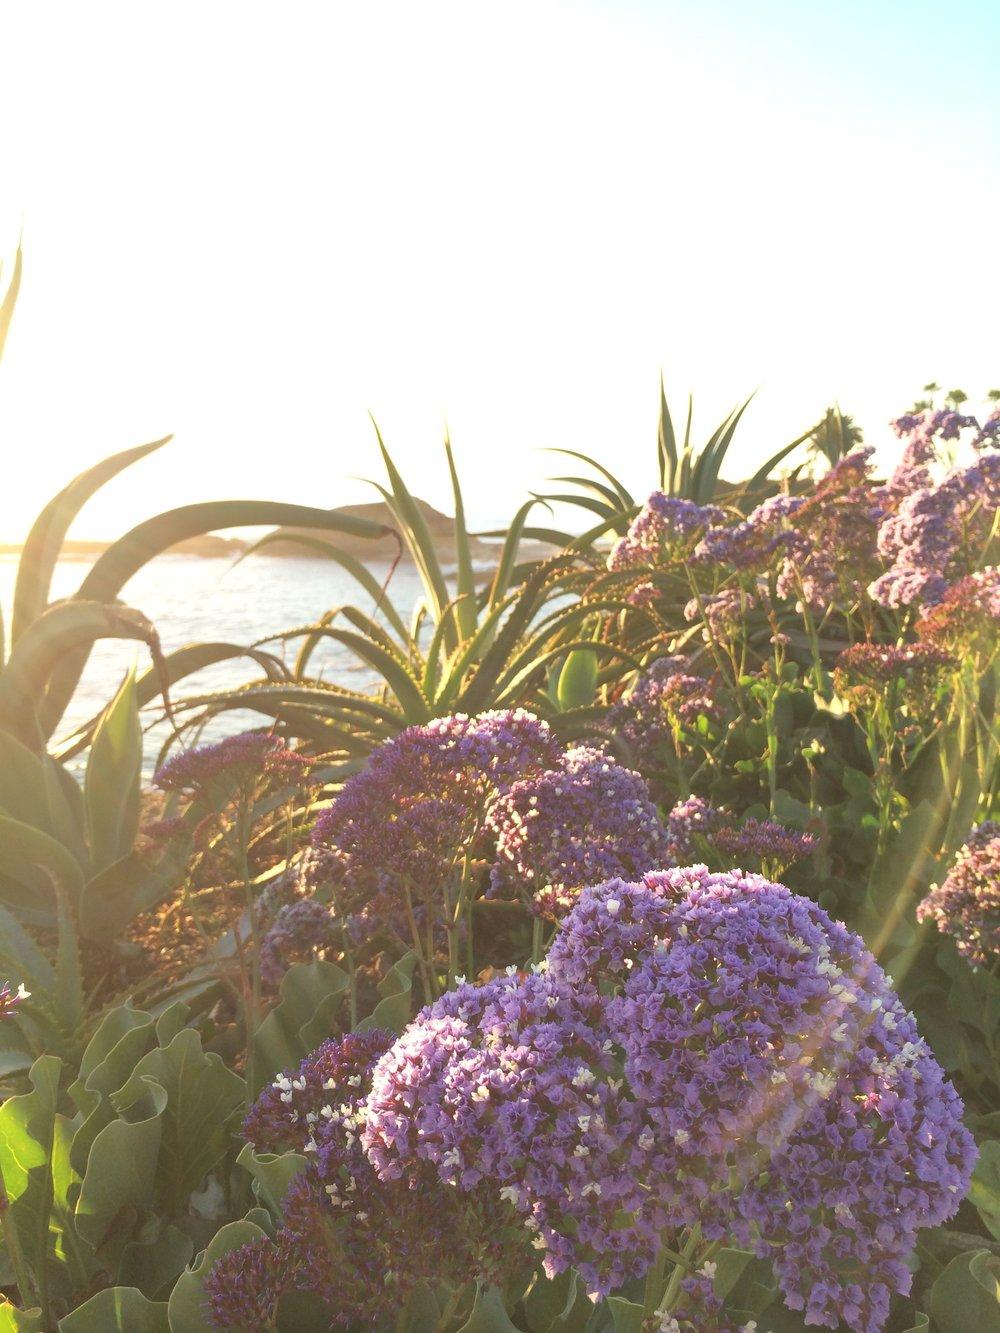 montage-flowers.jpg